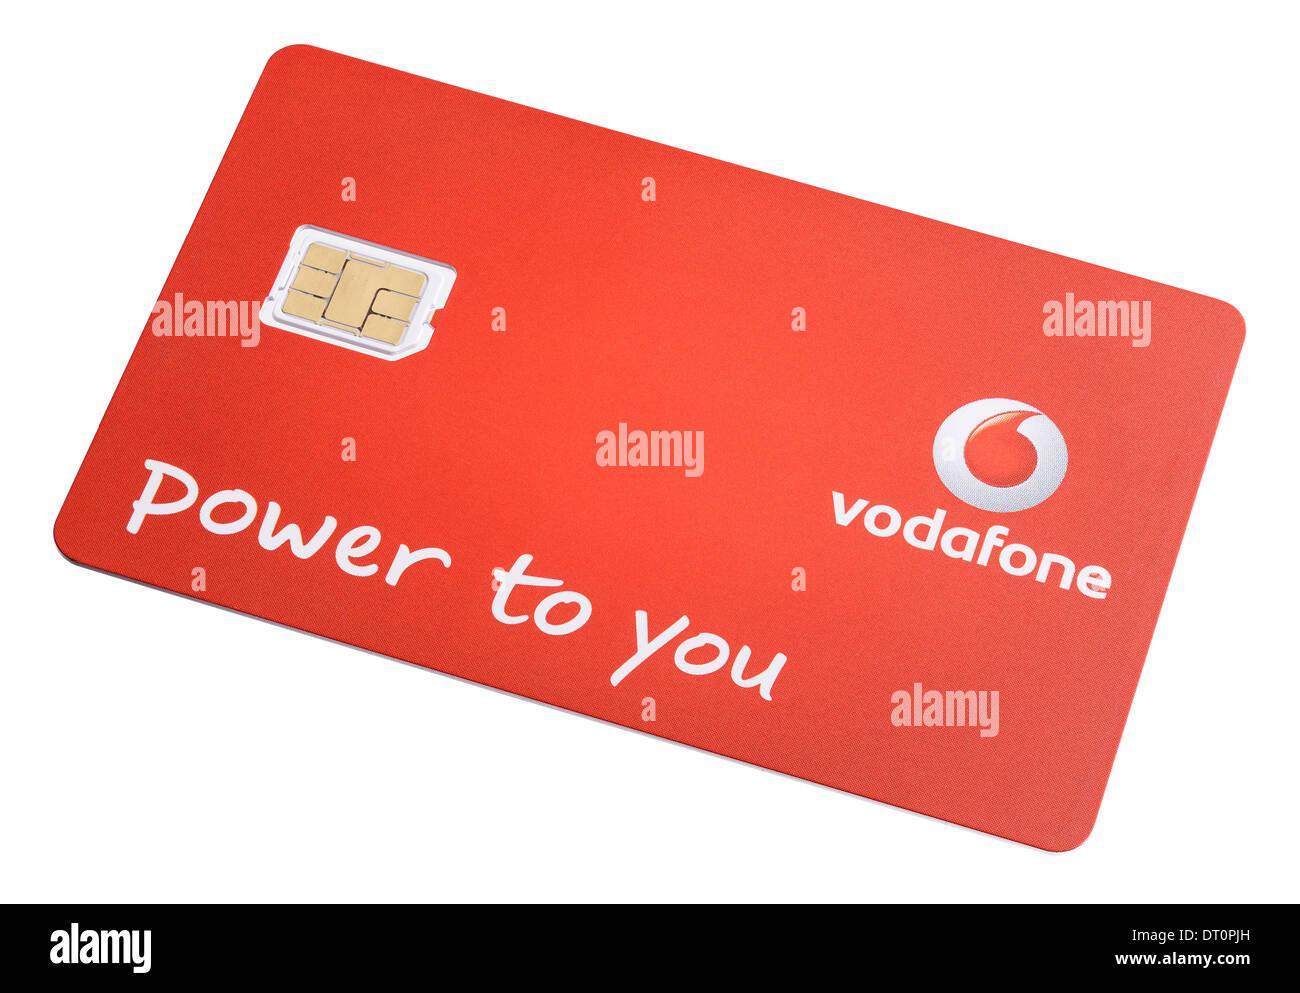 Nano Sim Karte Vodafone.Vodafone Nano Sim Karte Für Ein Mobiltelefon Stockfoto Bild